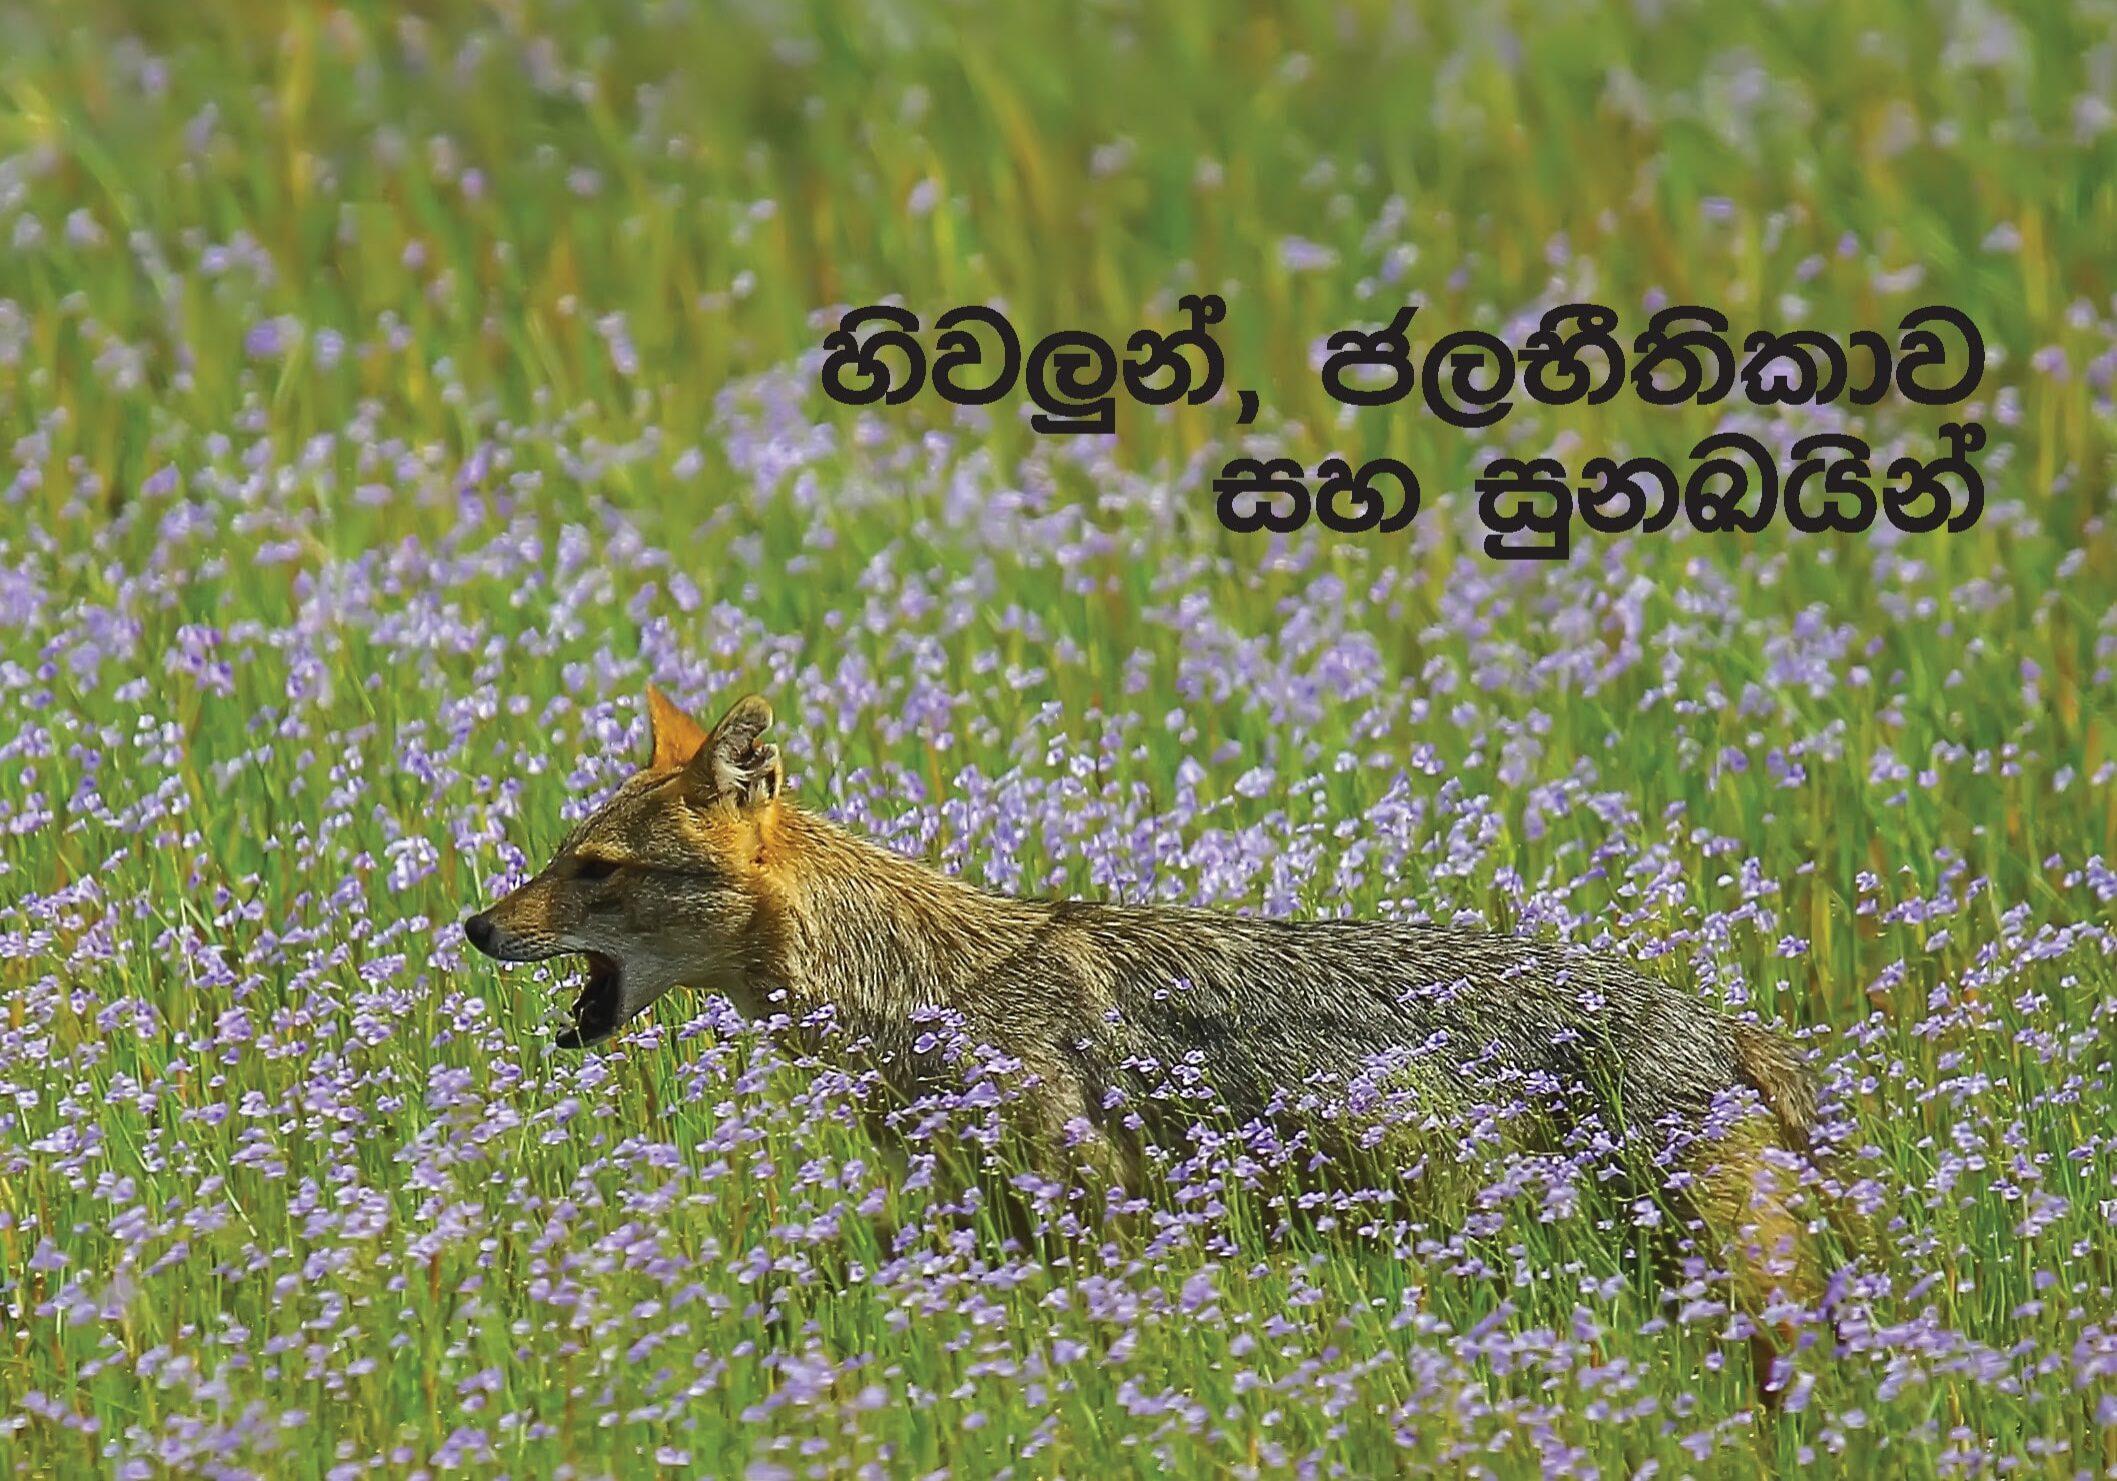 Sanrakshana 06-04